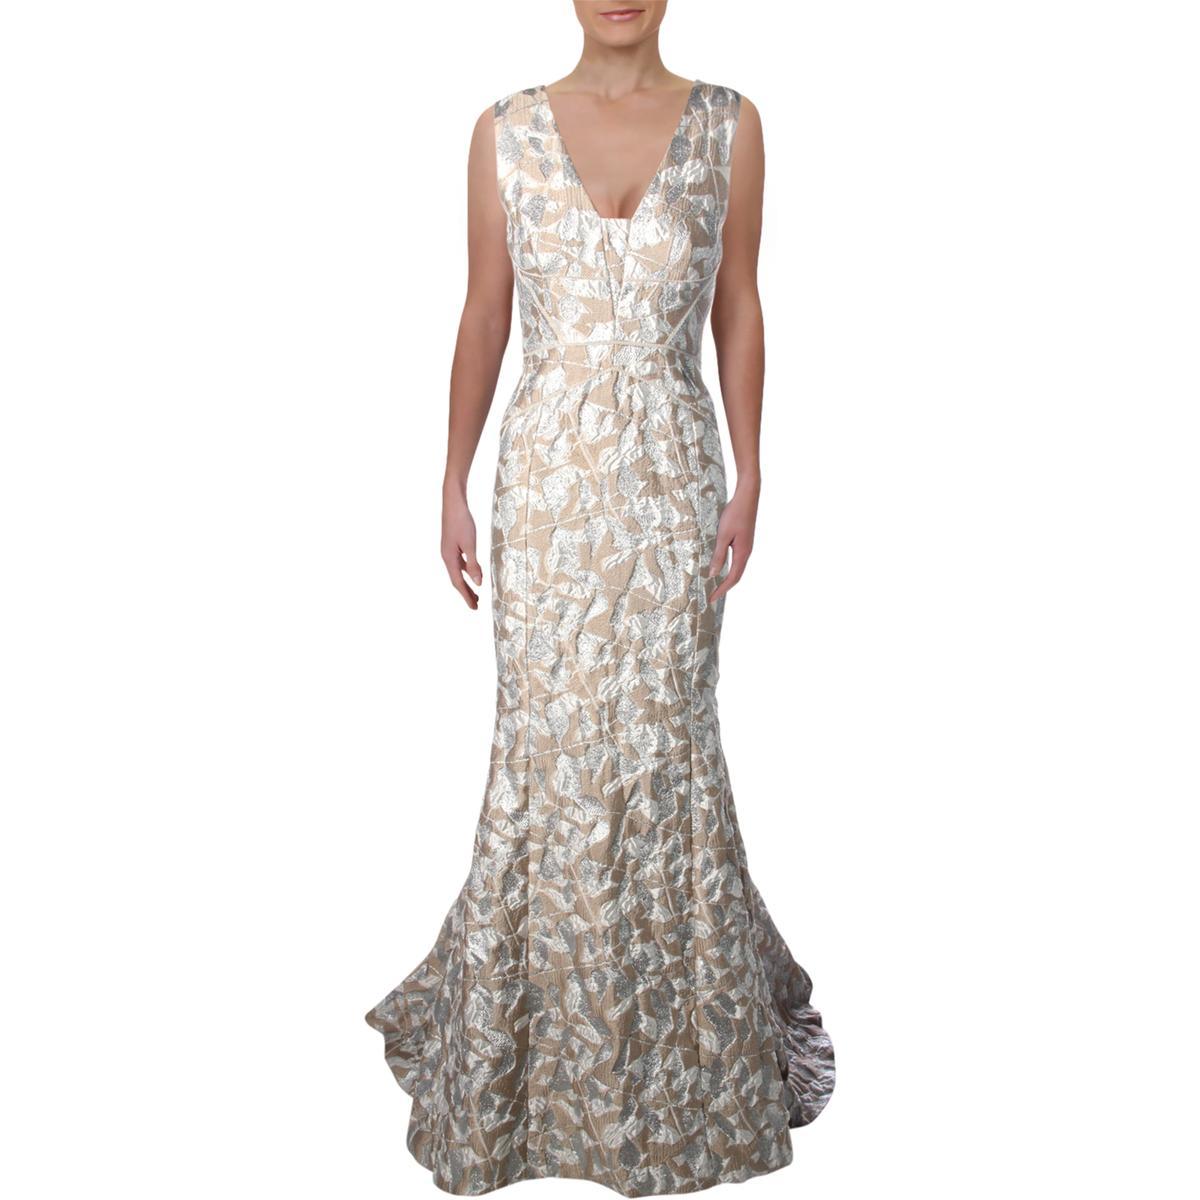 dfb9171540e Details about J. Mendel Womens Beige Metallic Sleeveless Evening Dress Gown  8 BHFO 7850